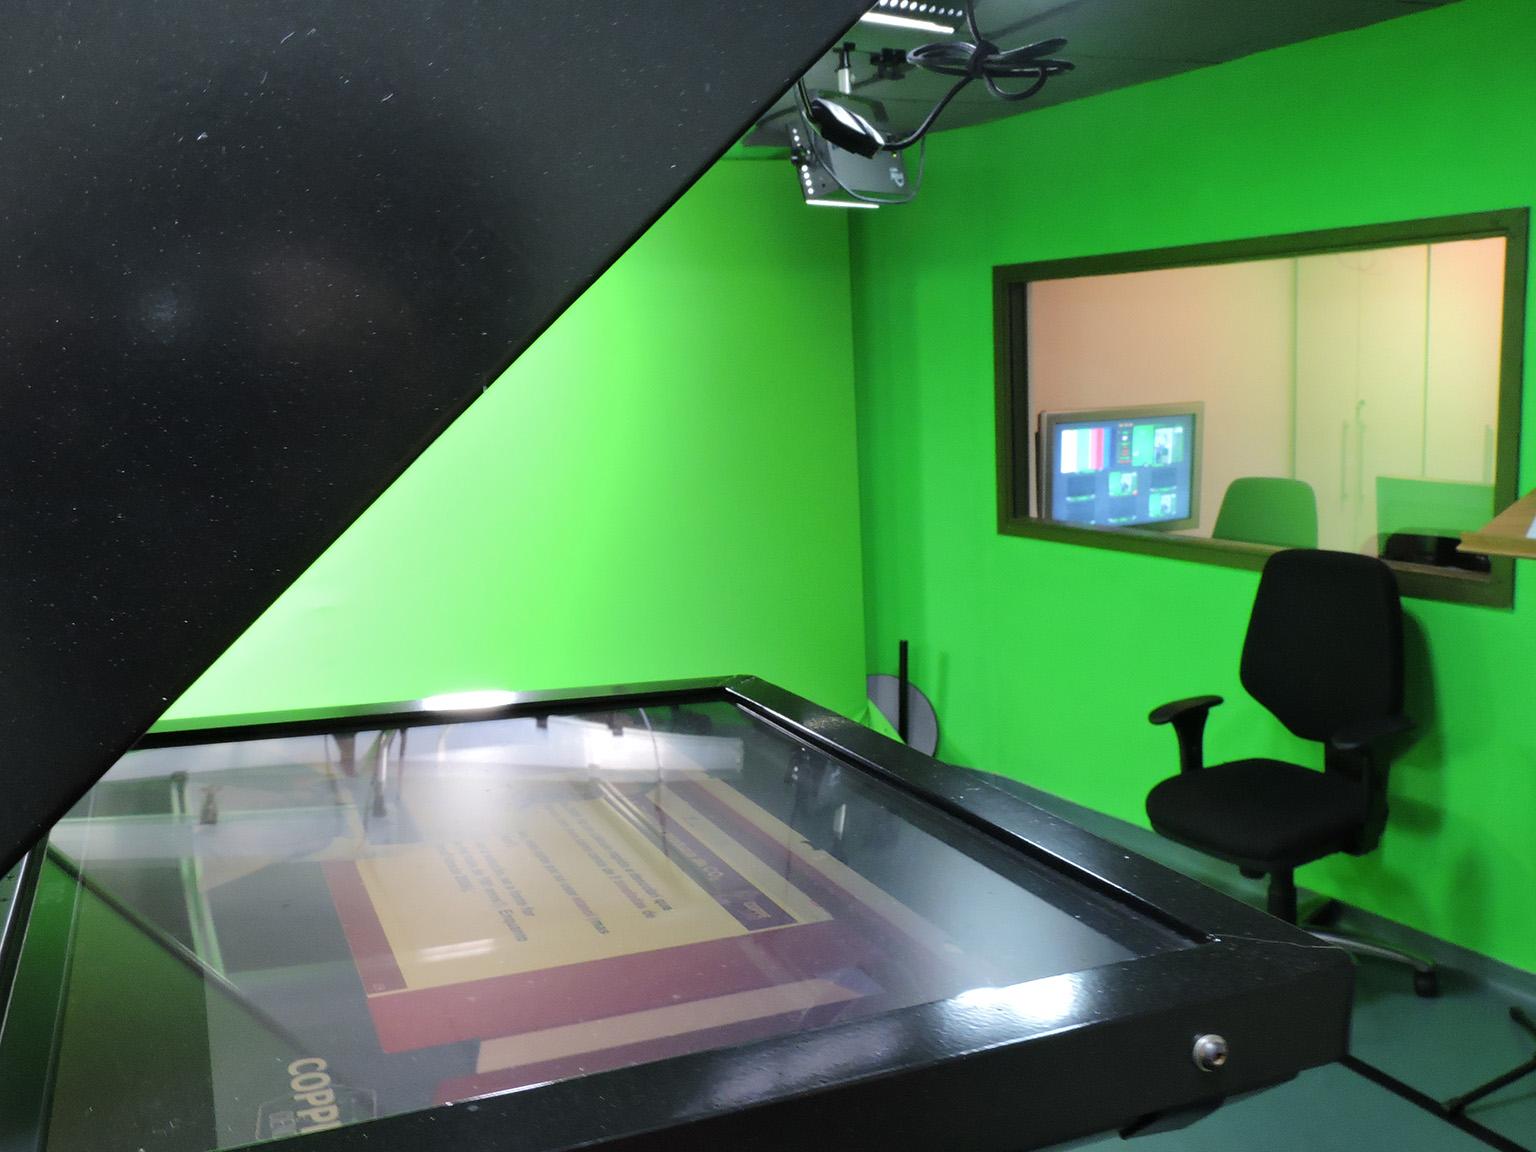 Foto do estúdio do Laboratório de Produção Multimídia mostra o aparelho teleprompter